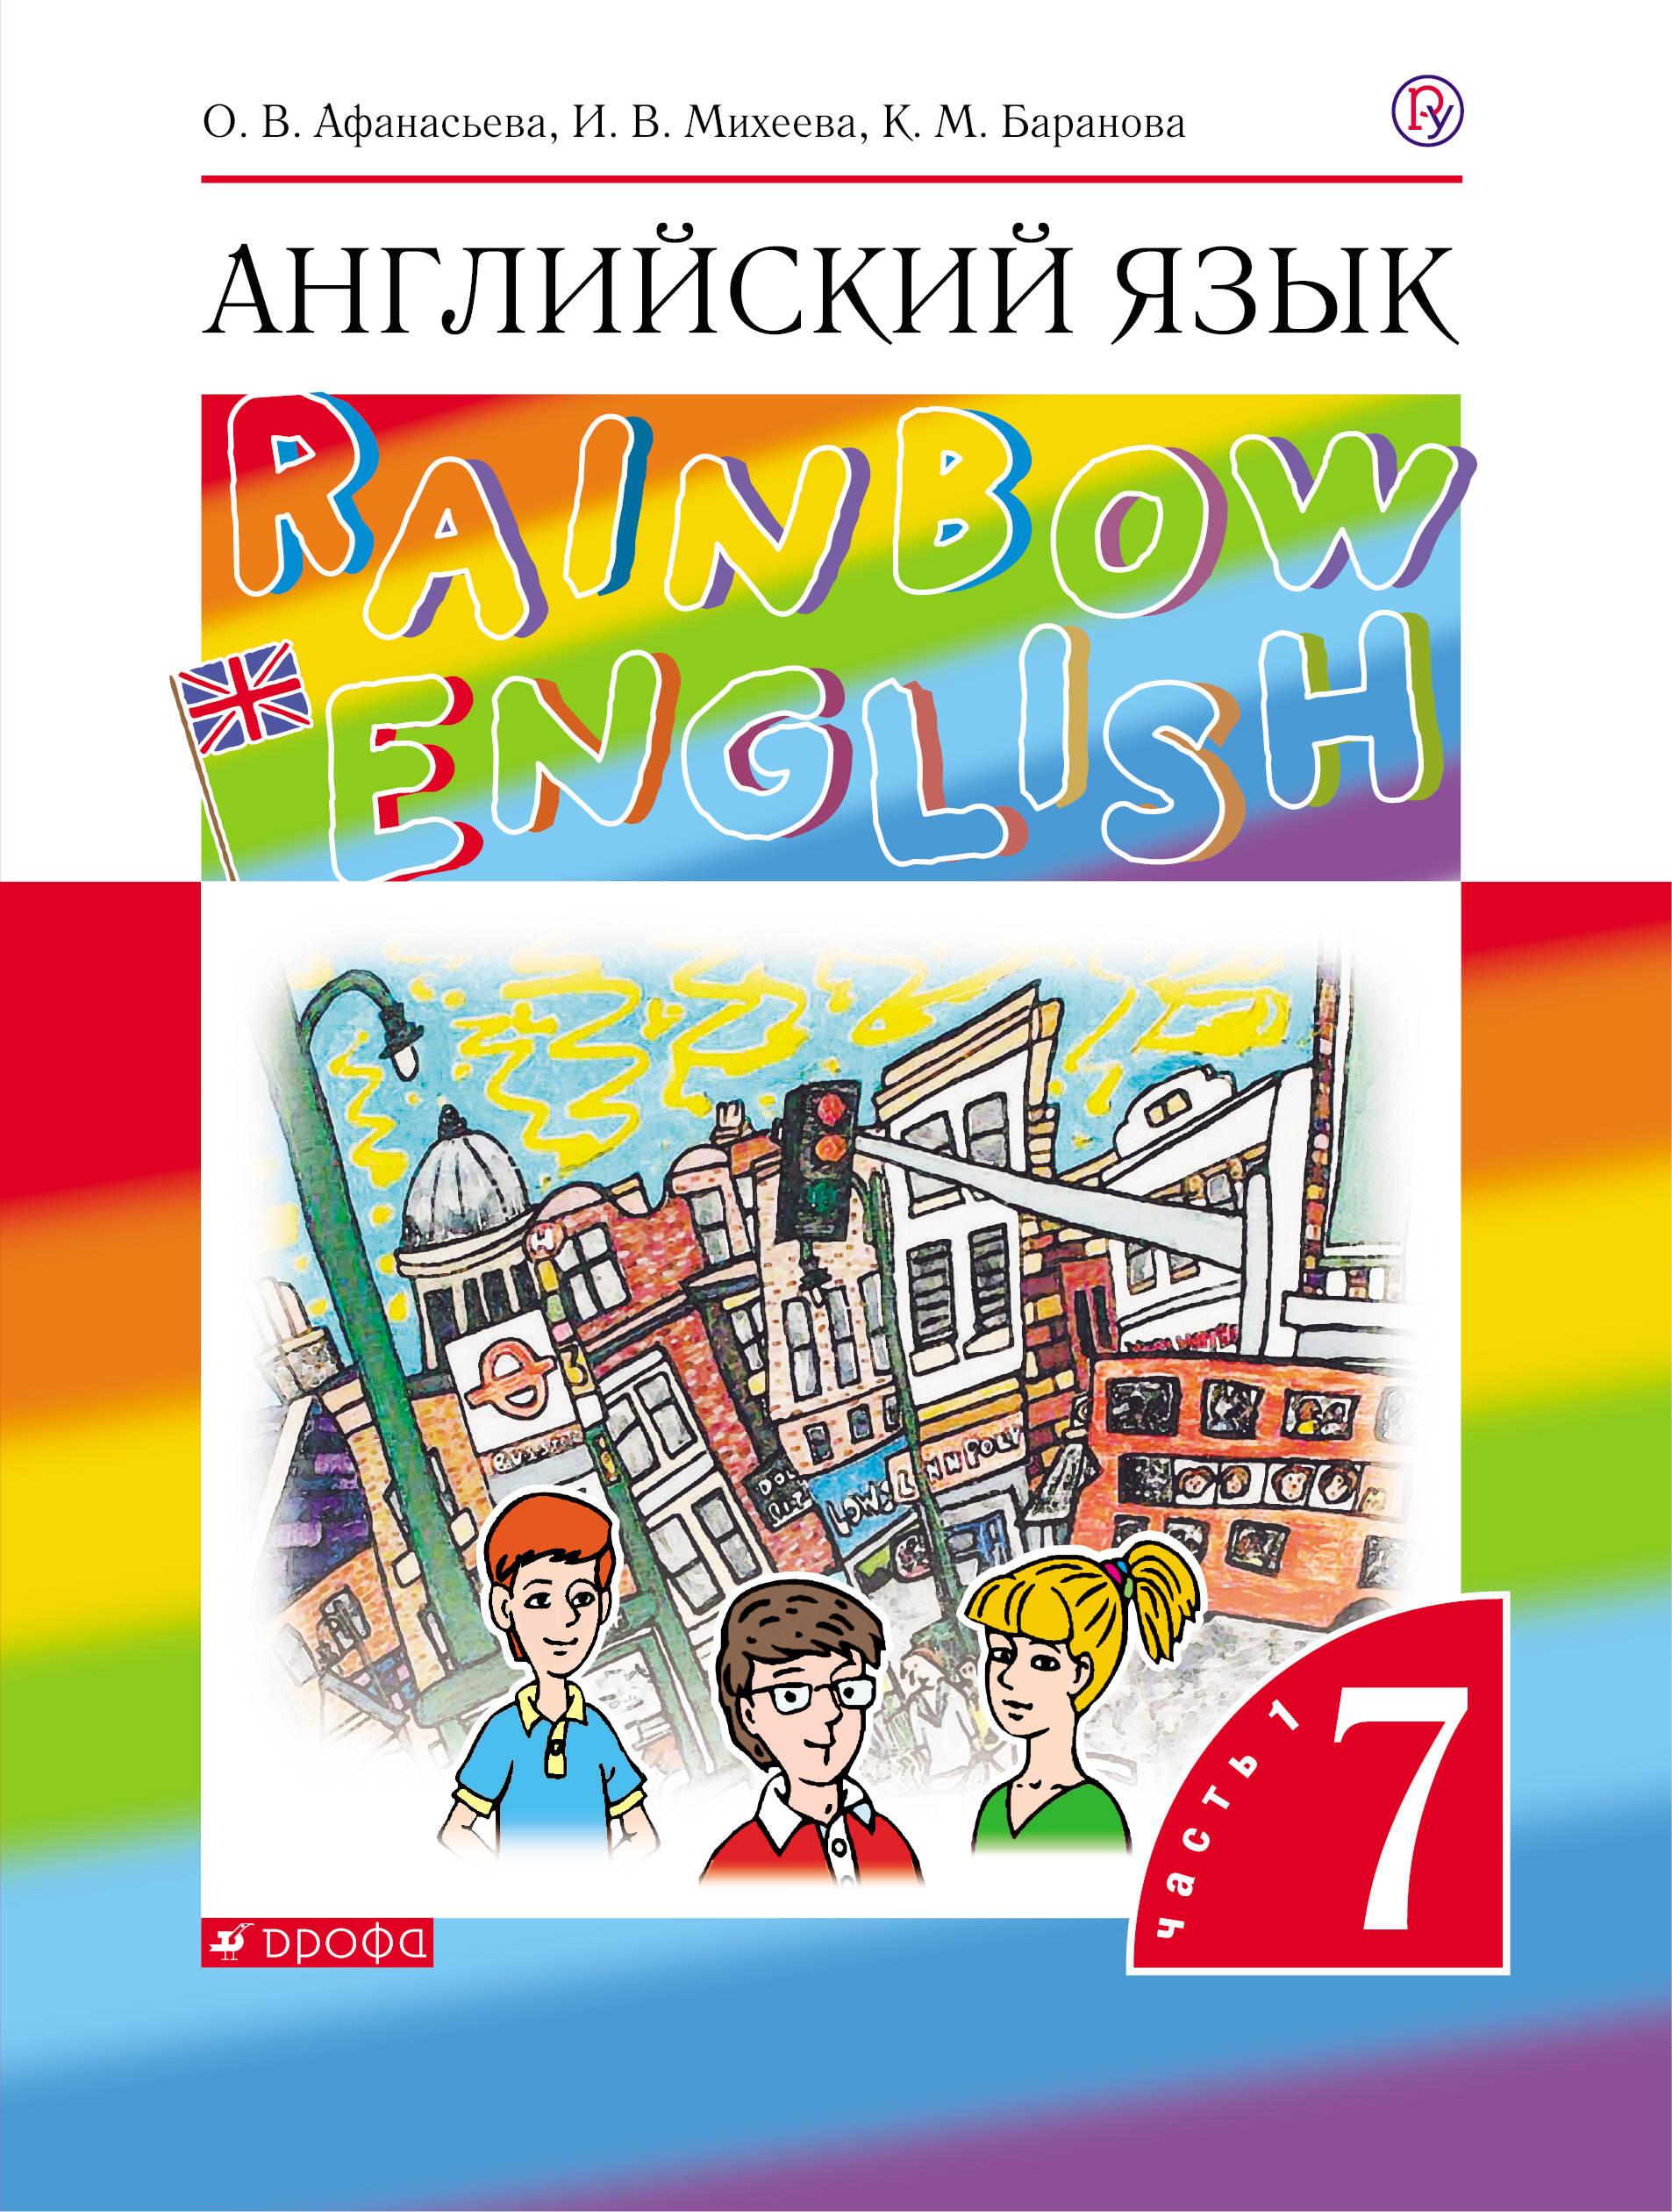 Английский язык класс контрольные работы авт Афанасьева О В  Английский язык 7 класс Учебник в 2 х частях Часть 1